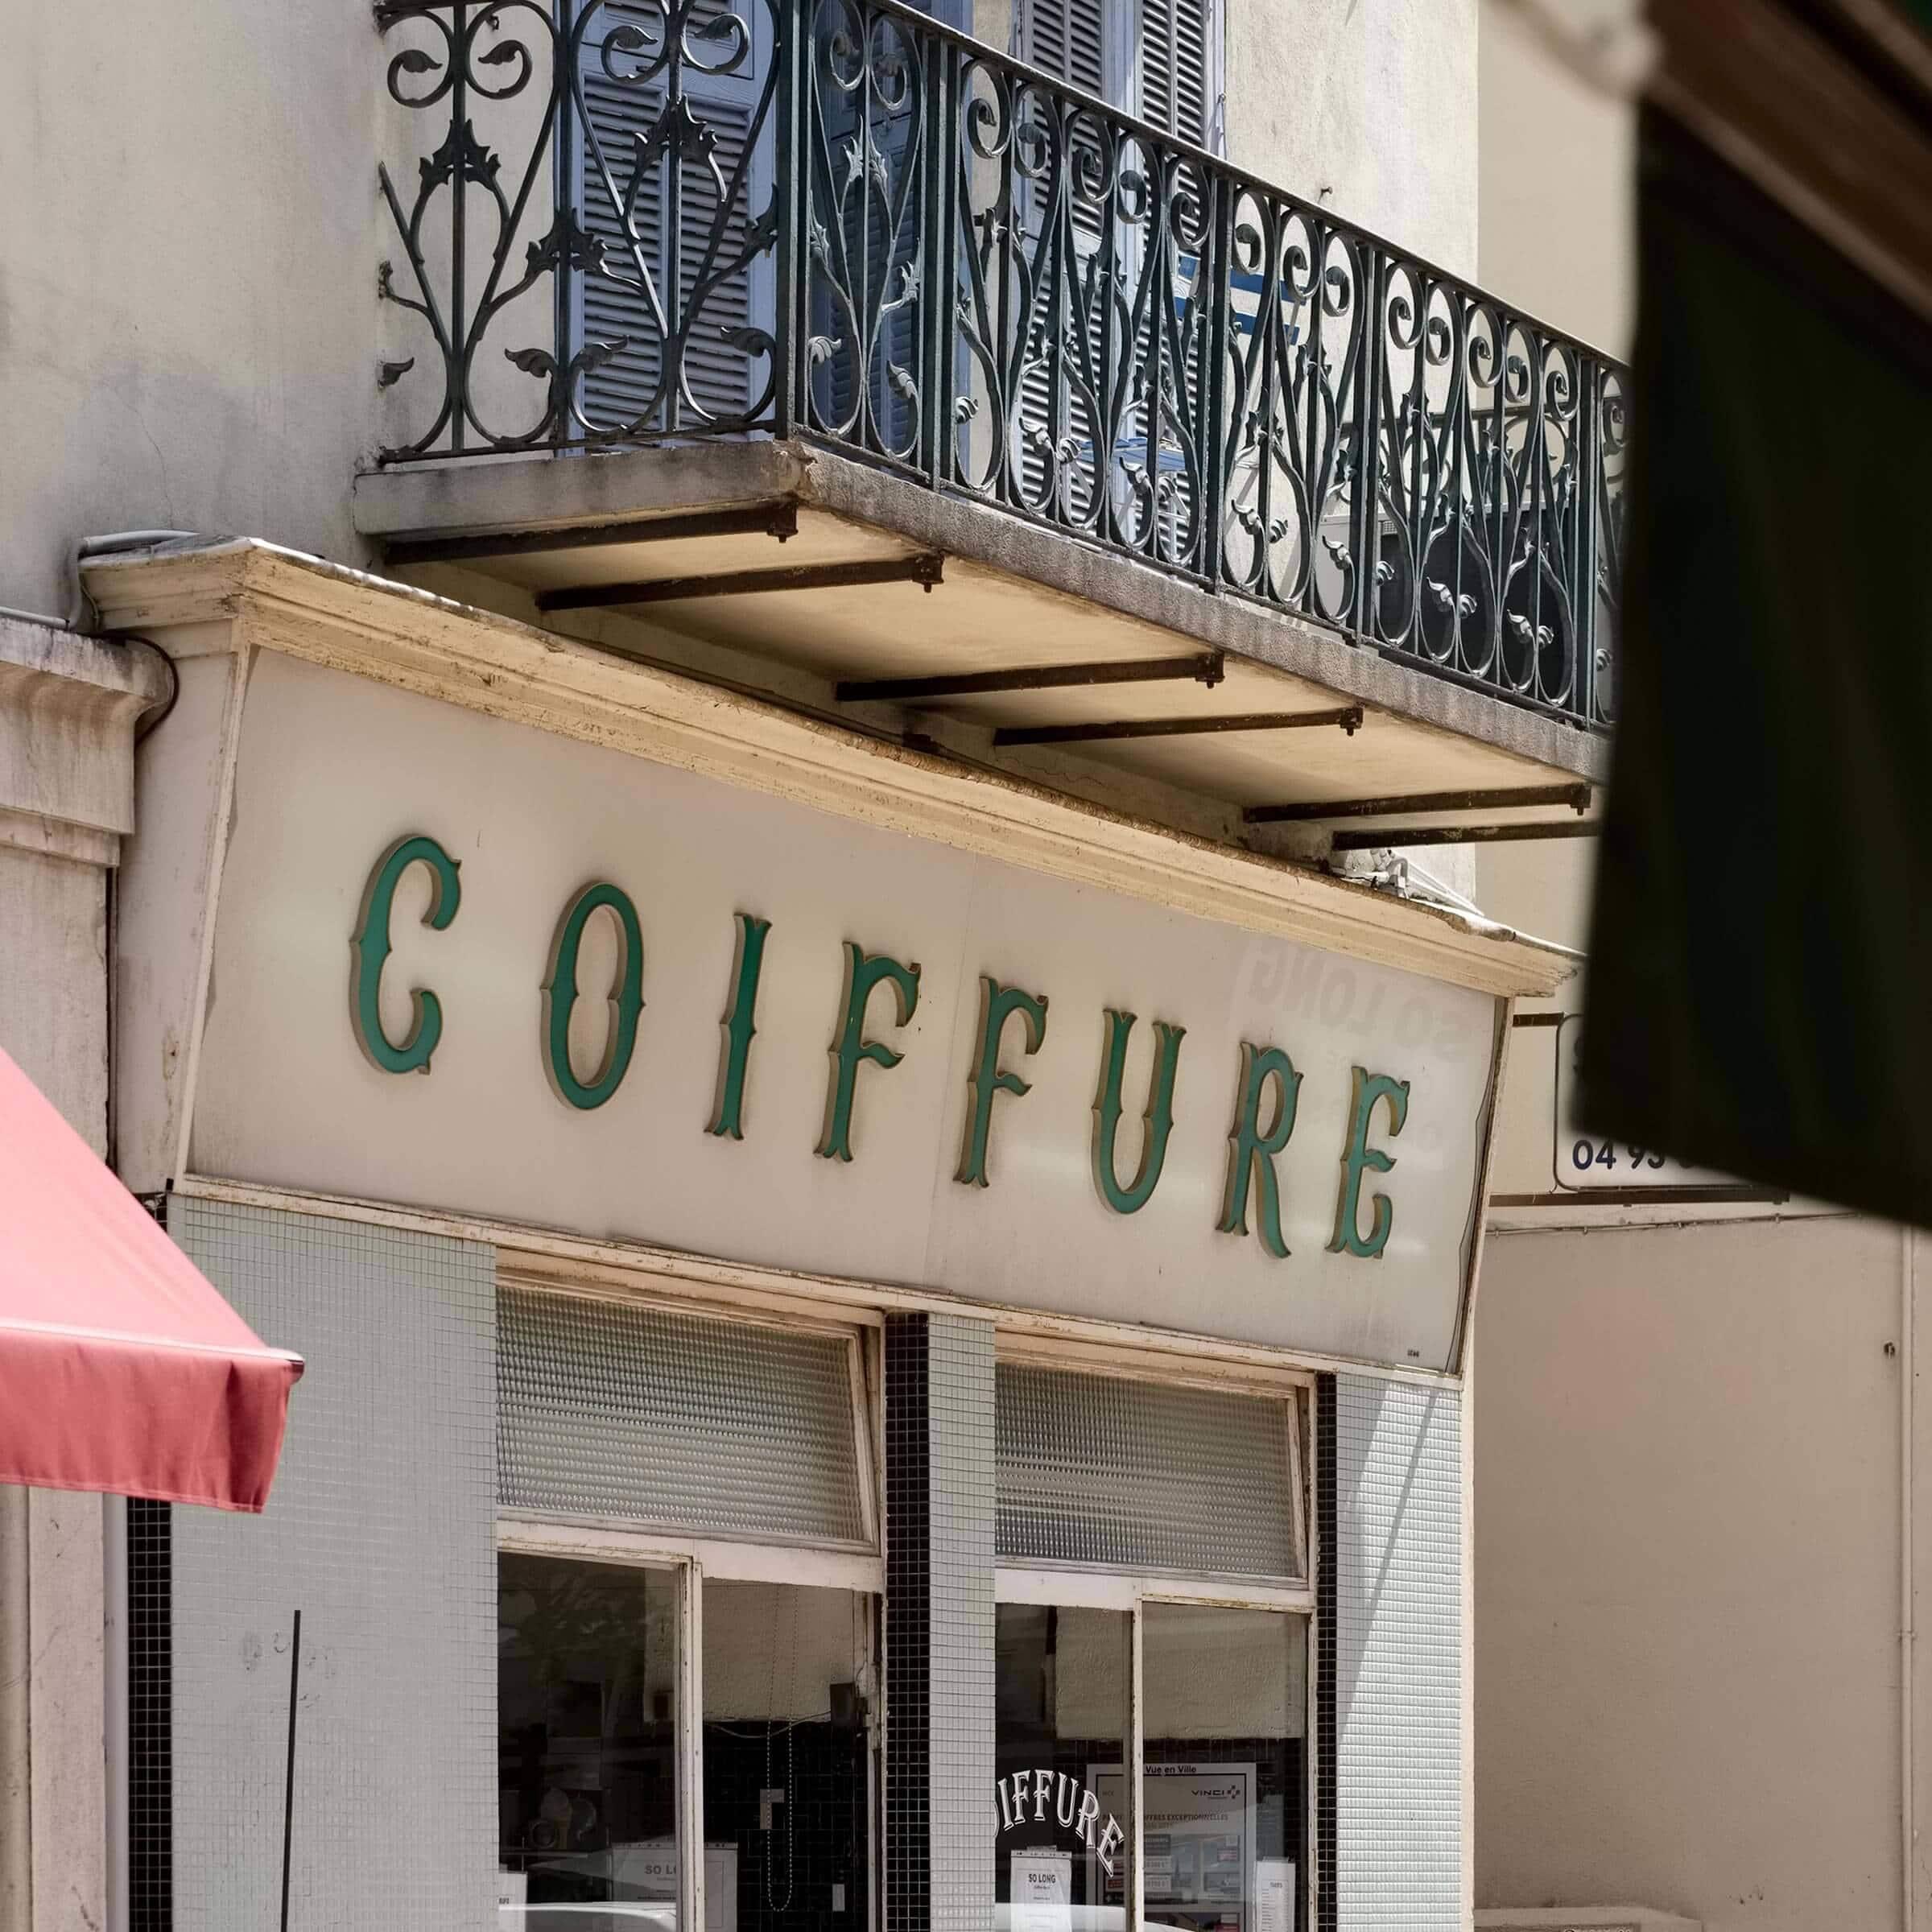 Côte d'Azur: Nice. Part I